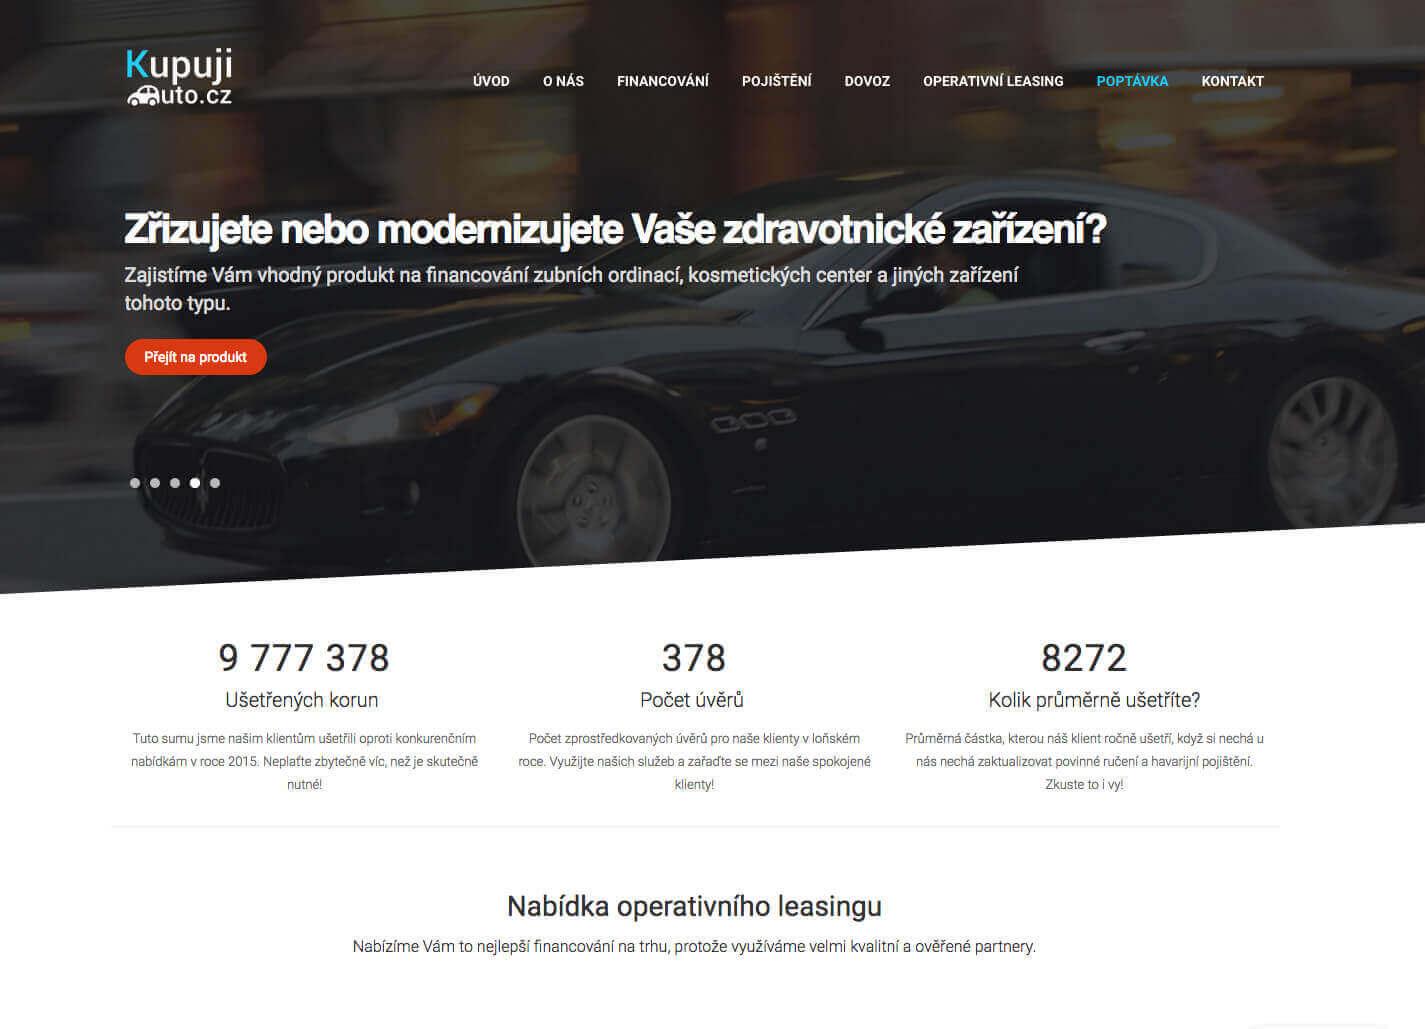 kupujiauto.cz